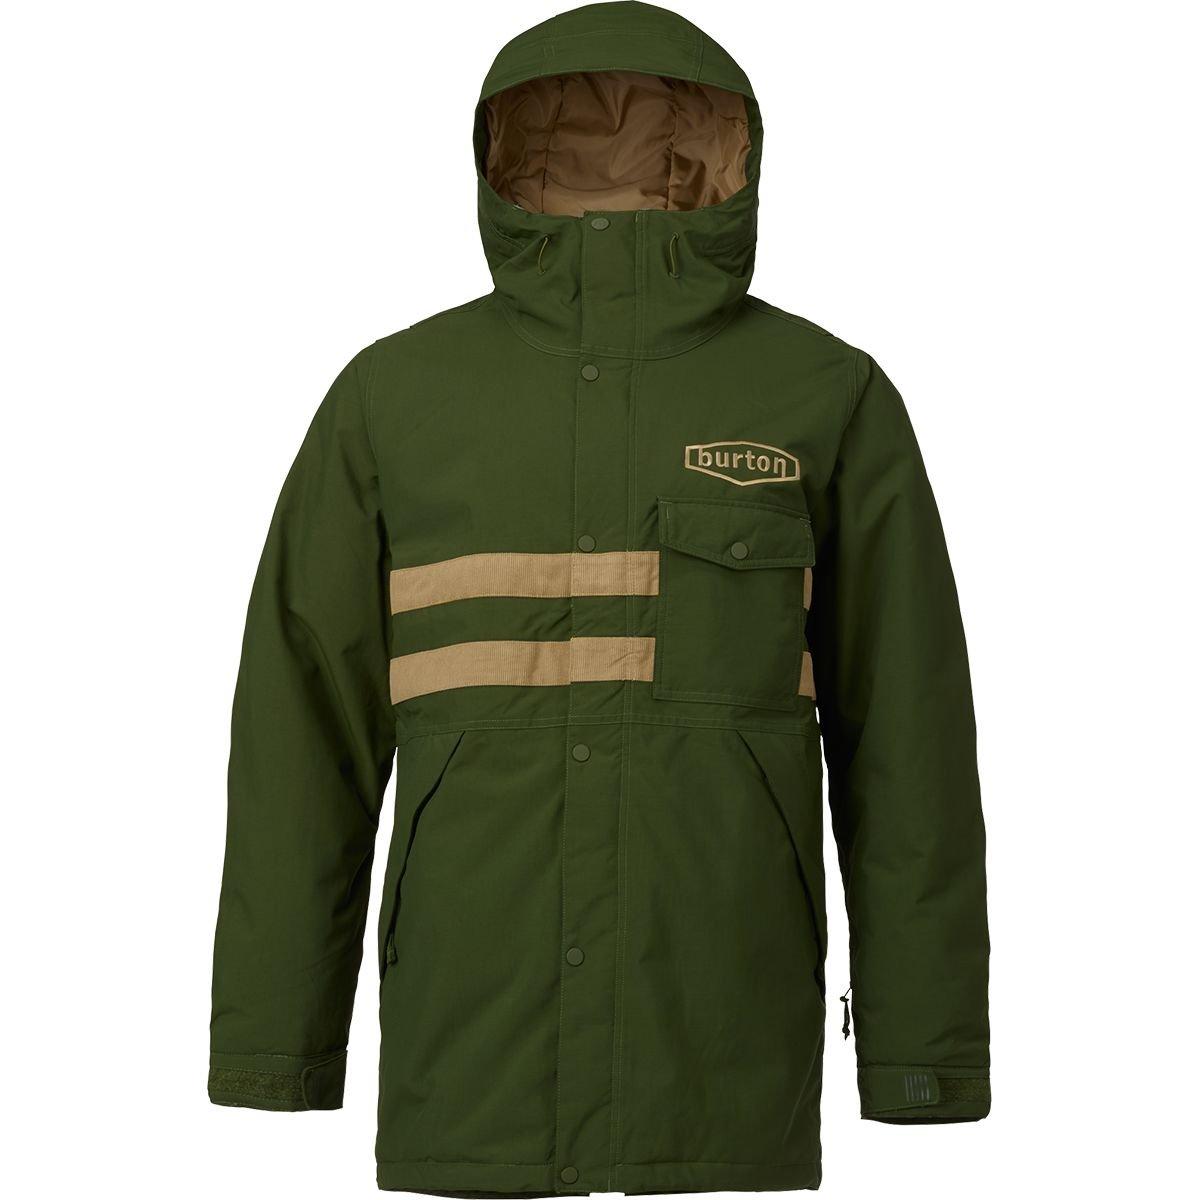 (バートン) Burton Hoosick Parka メンズ ジャケットRifle Green/Kelp [並行輸入品] B0786ZS5F5 日本サイズ M (US S)|Rifle Green/Kelp Rifle Green/Kelp 日本サイズ M (US S)